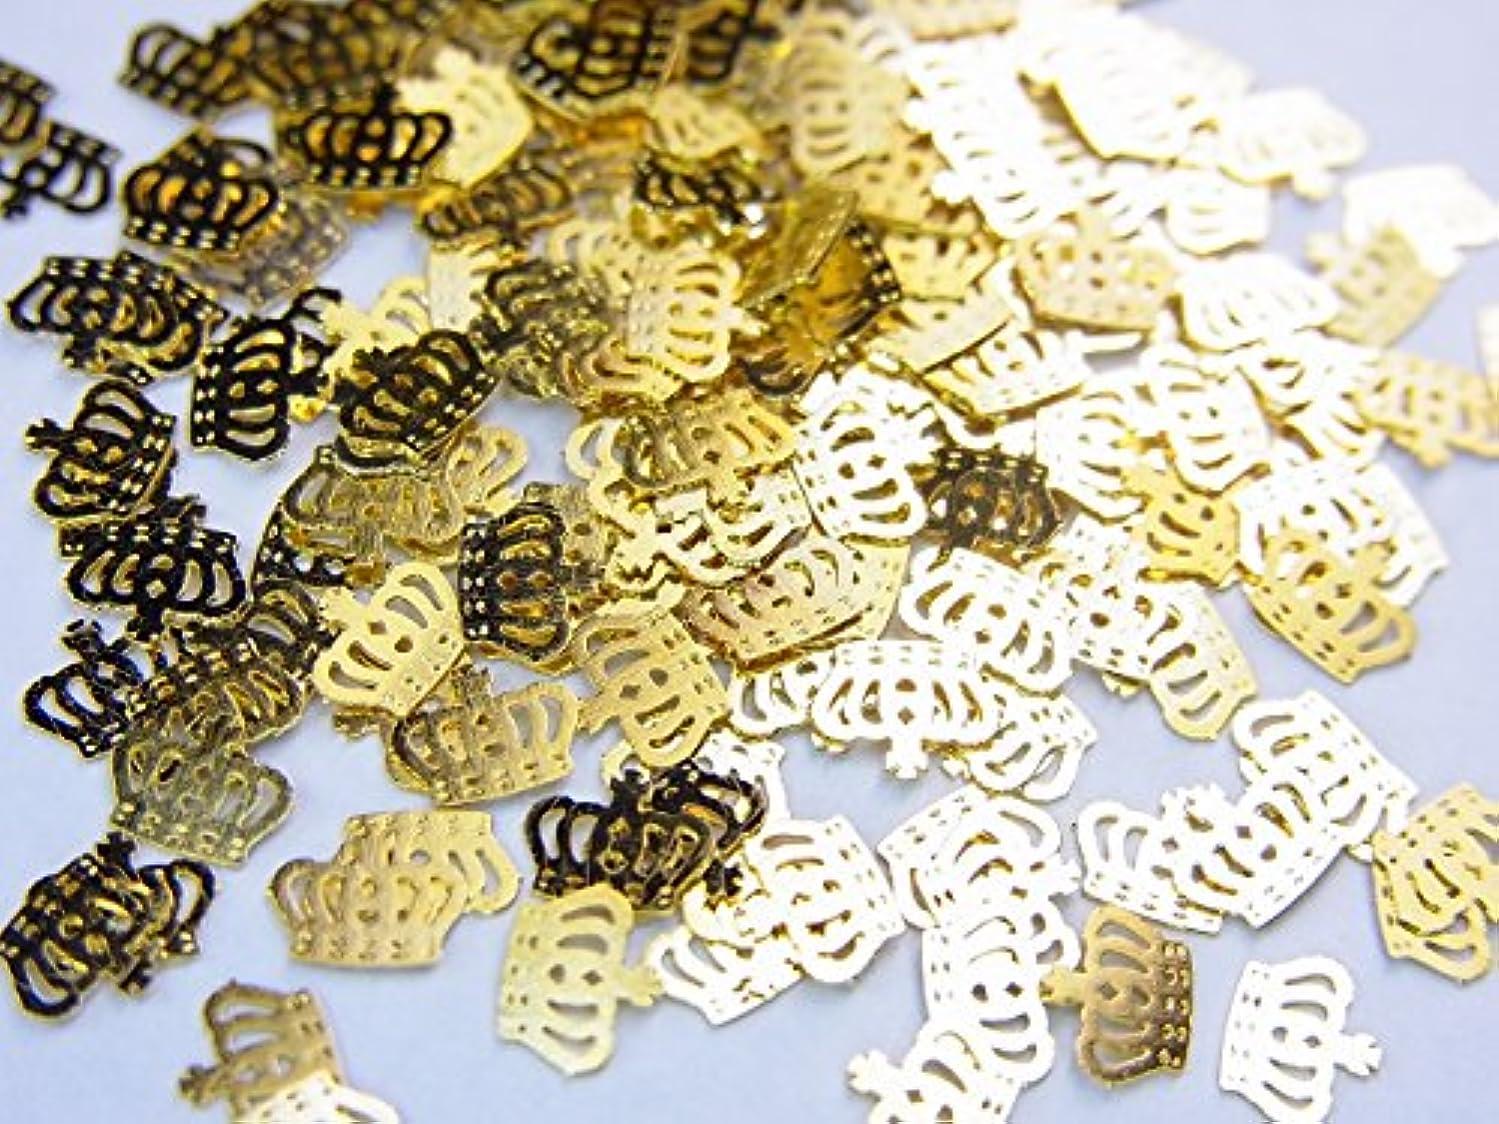 生理レプリカ提供された【jewel】薄型ネイルパーツ ゴールド王冠クラウン10個